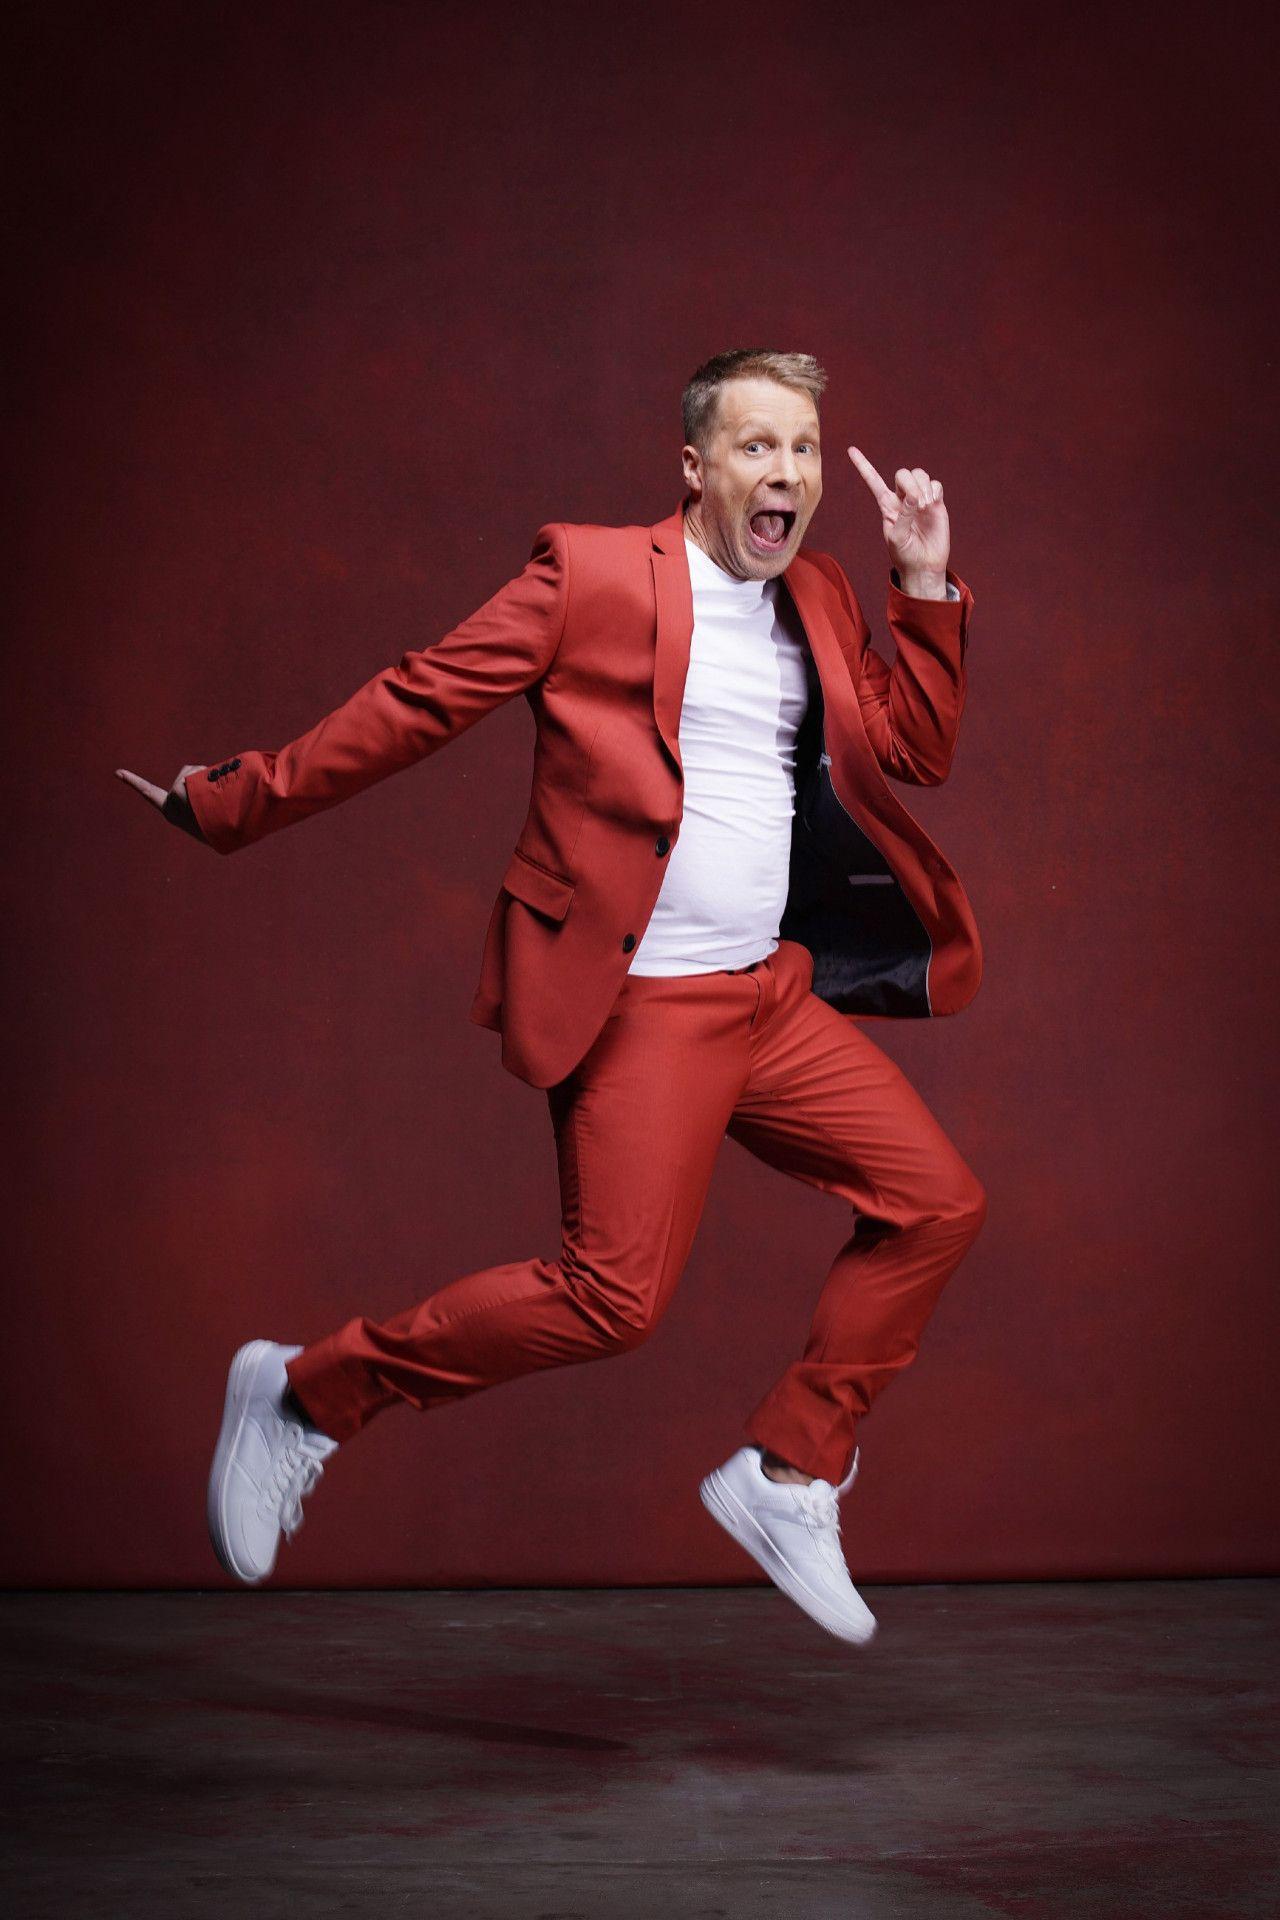 """Als Comedian trat Oliver Pocher zuletzt nur noch selten in Erscheinung, machte aber bei dem ein oder anderen Reality-Format mit. 2016 nahm er an """"Deutschland tanzt"""" (ProSieben) teil, wo er den zweiten Platz erreichte."""